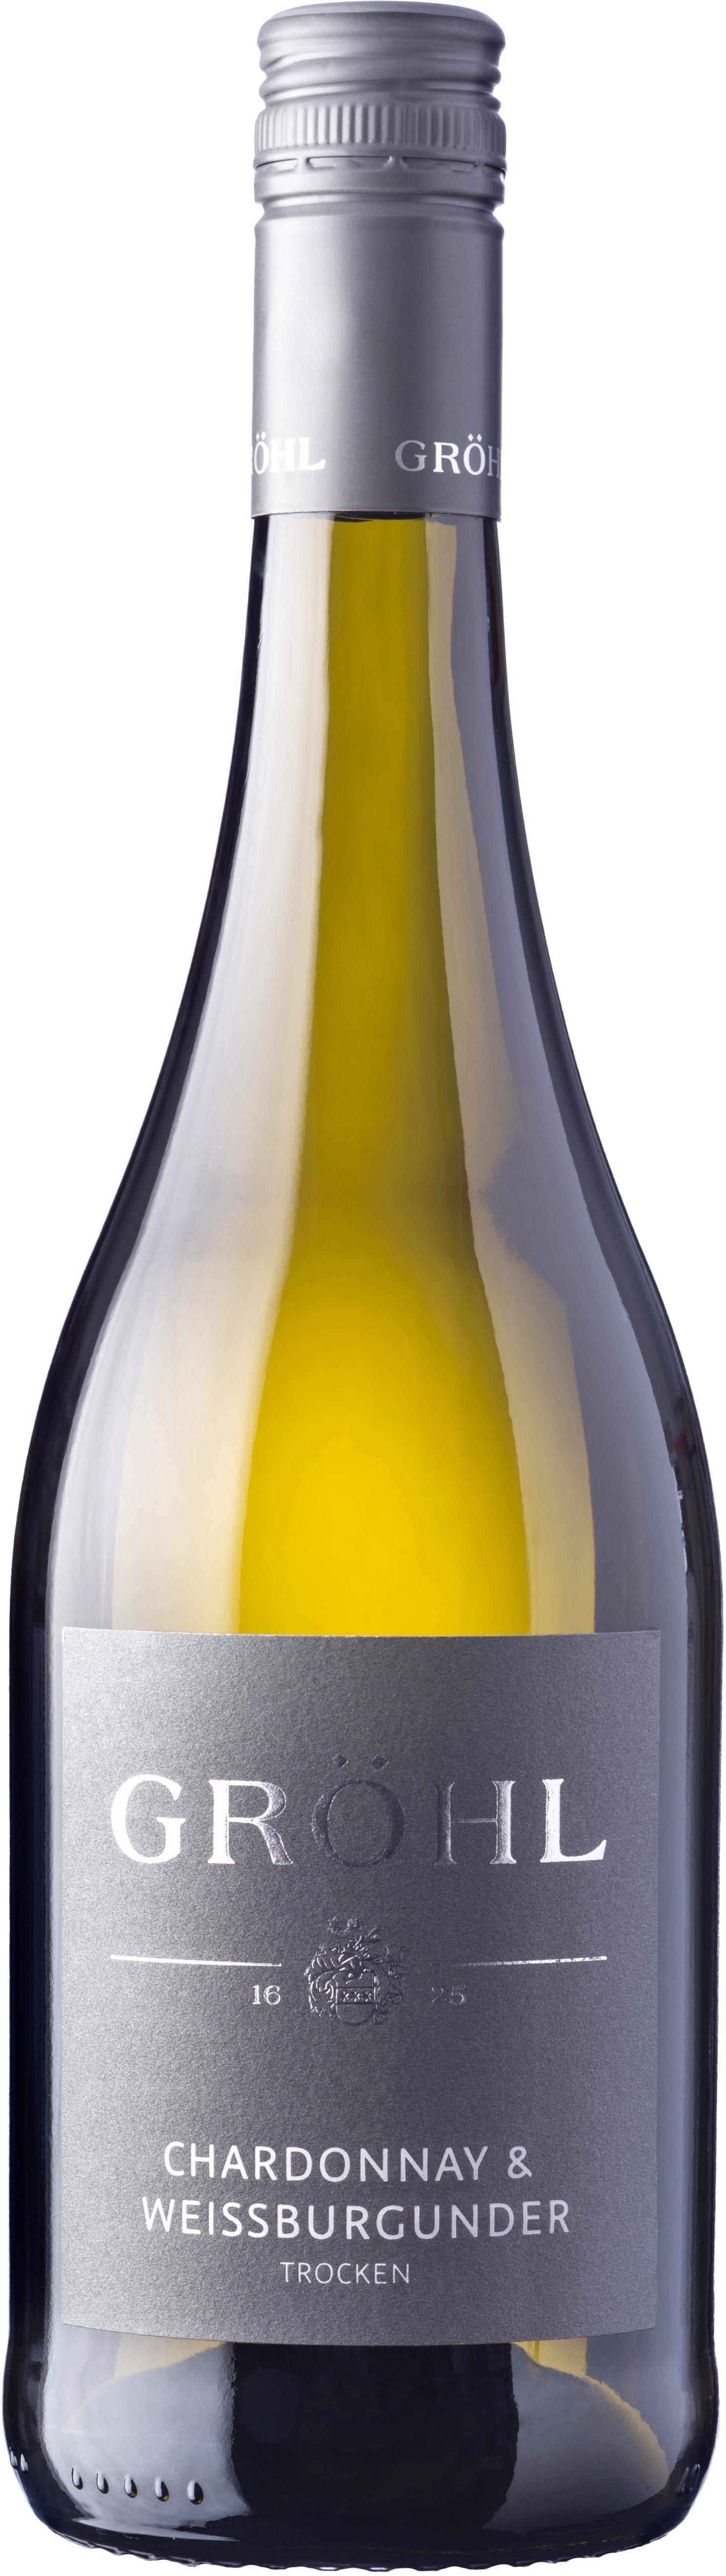 Gröhl | Chardonnay & Weißburgunder trocken